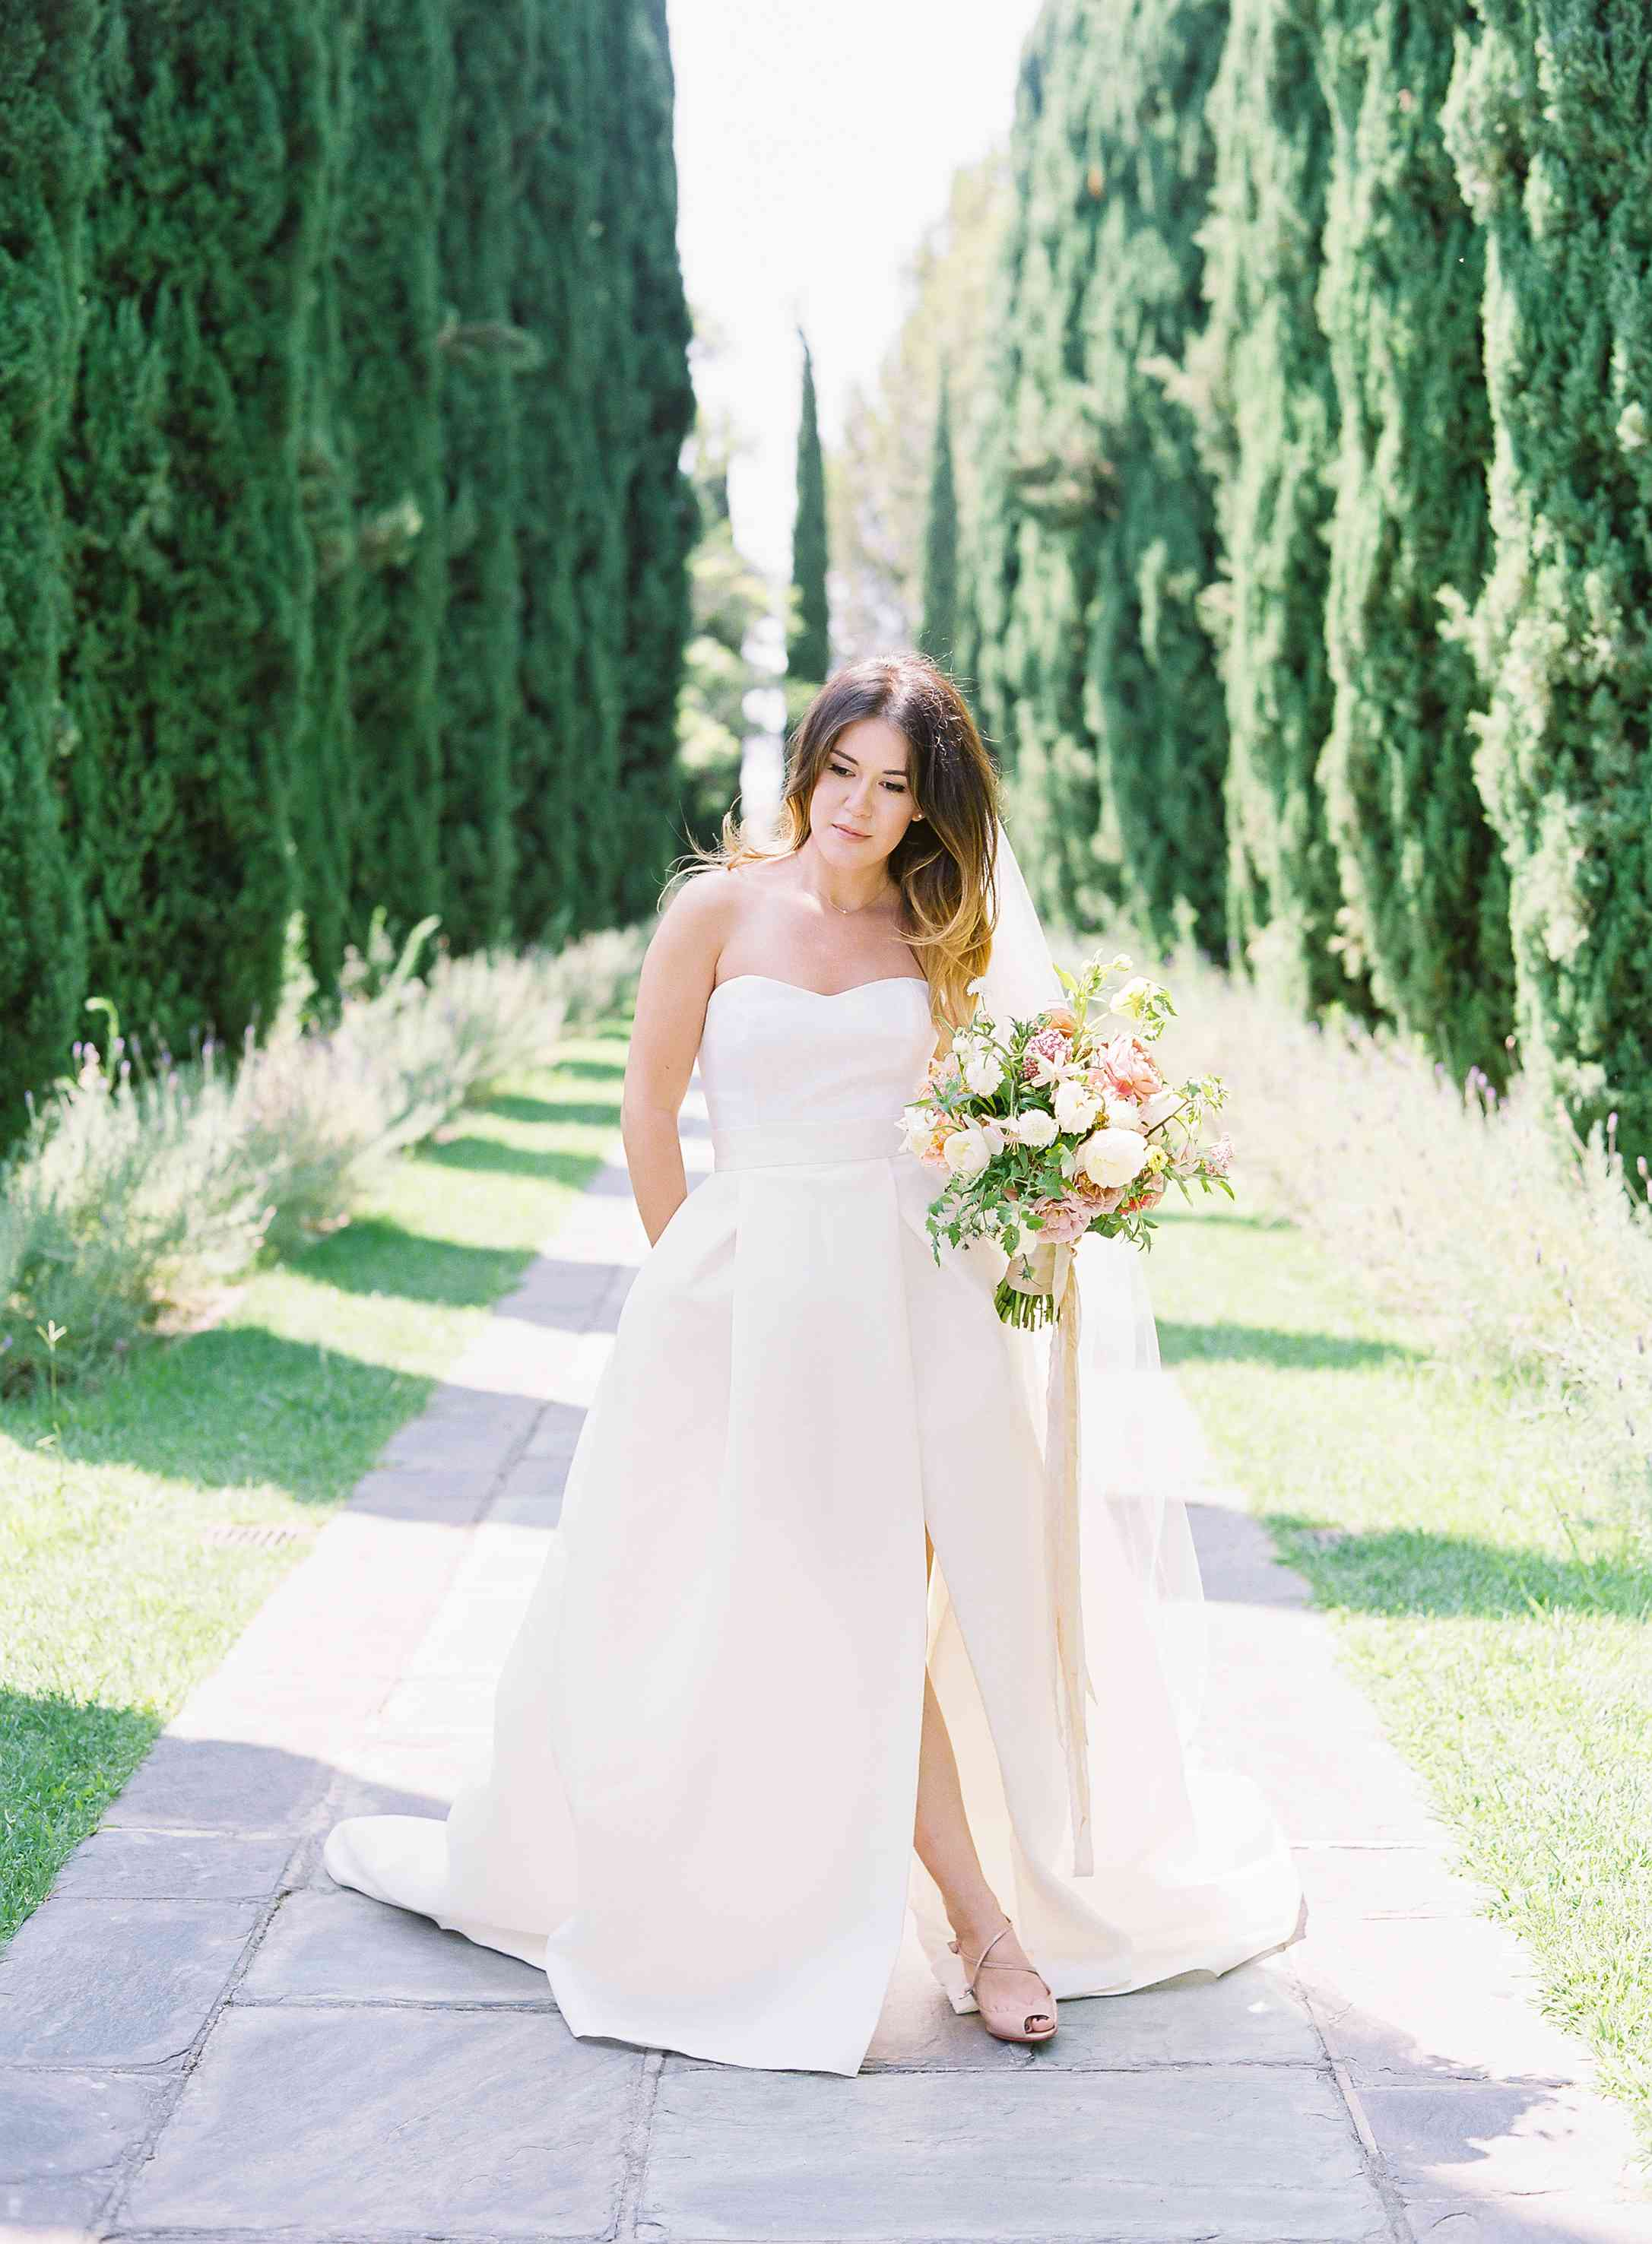 Bride in Monique Lhuillier wedding gown